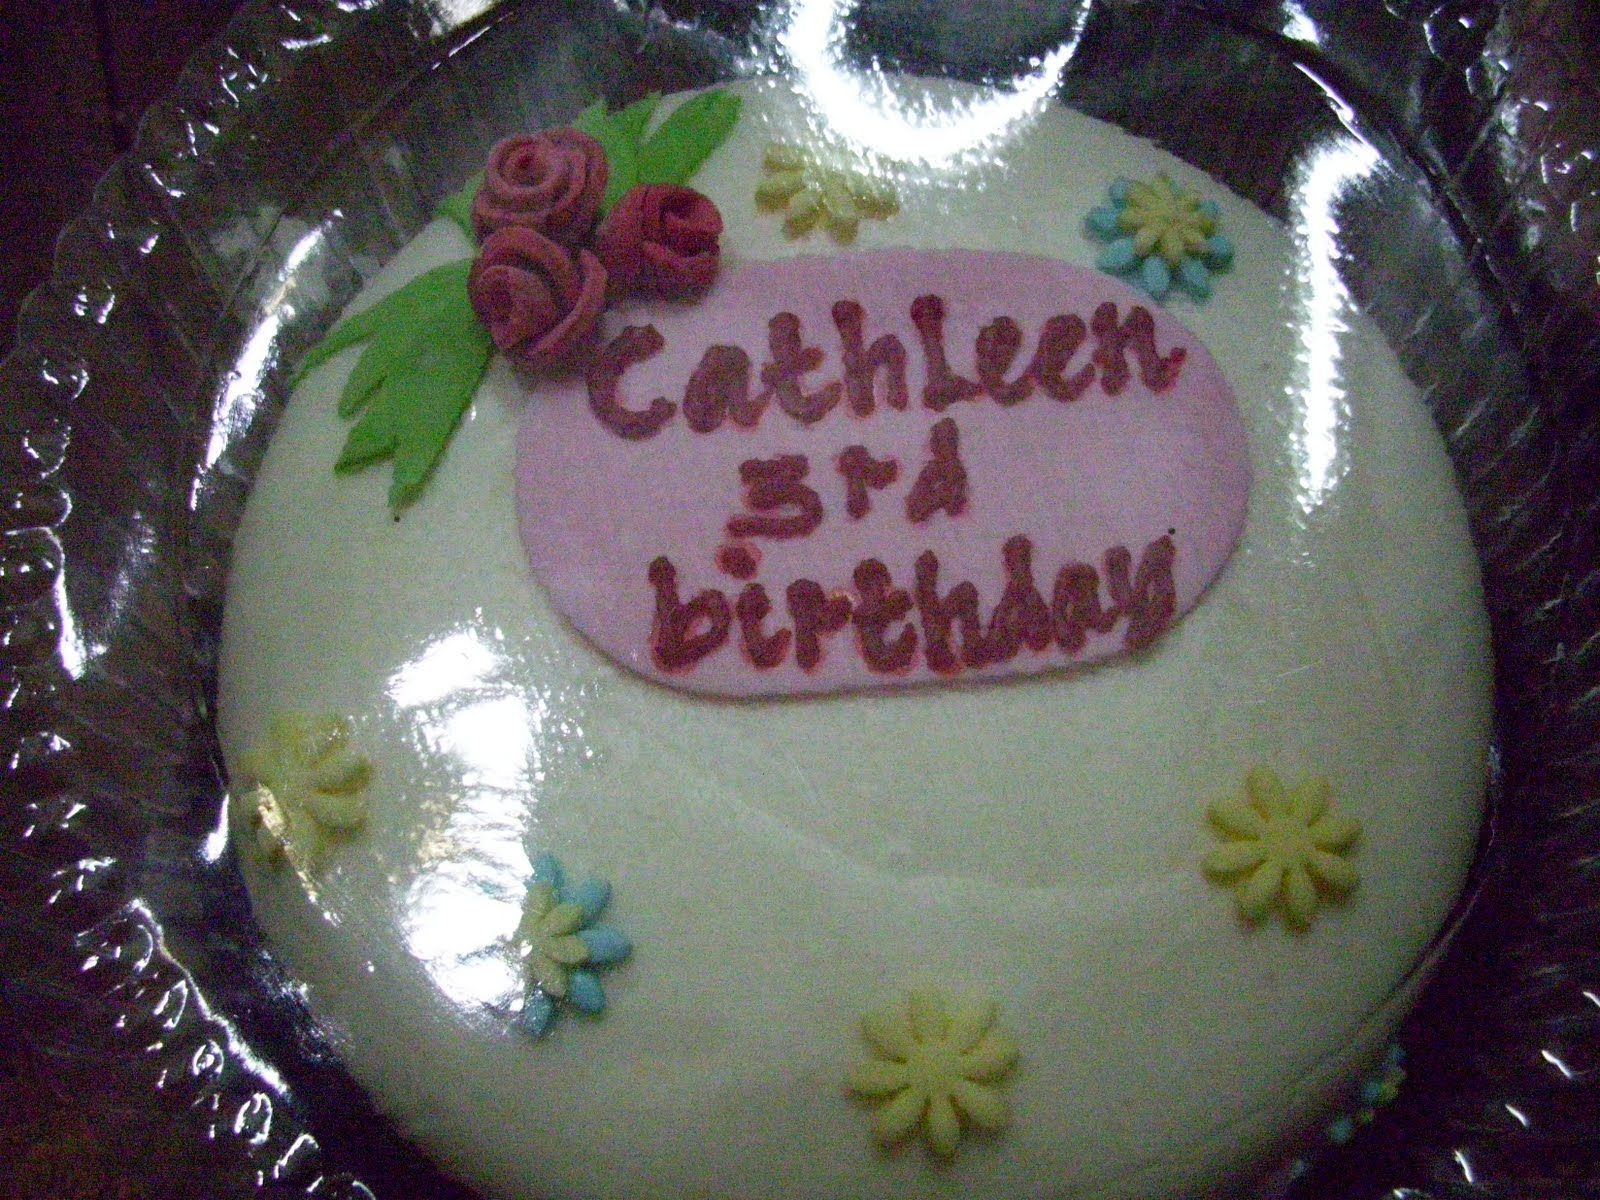 ultah photo kue ultah kue ultah kue ultah ravi kue ultah tapi belum ...